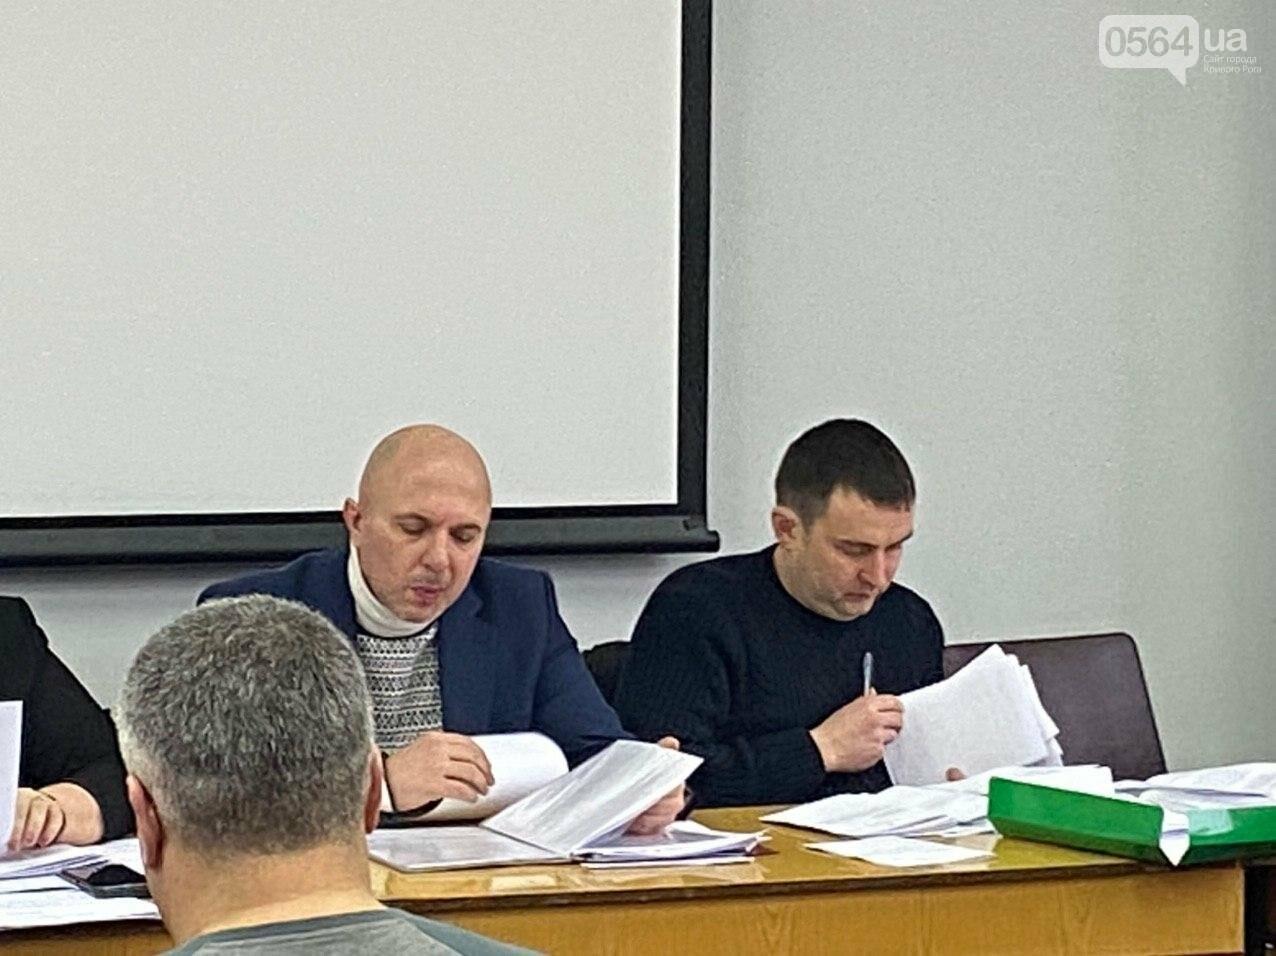 Криворожские депутаты собрались на заседания постоянных комиссий, - ФОТО, ВИДЕО, фото-1